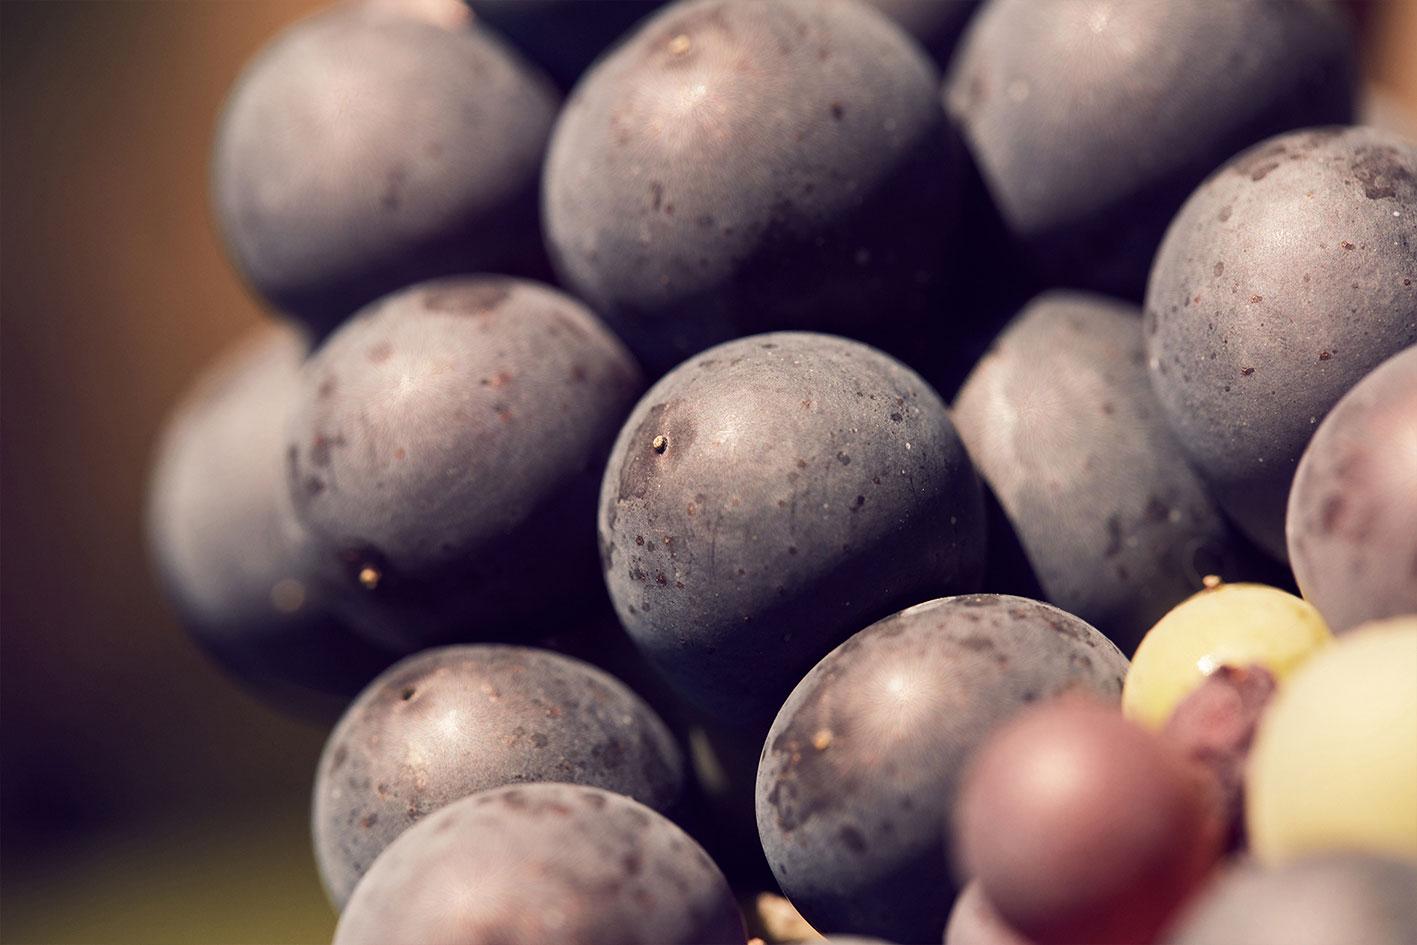 Wein vom Weingut Frauenkopf. Sein Terroir und die Menschen, die ihn kreieren.